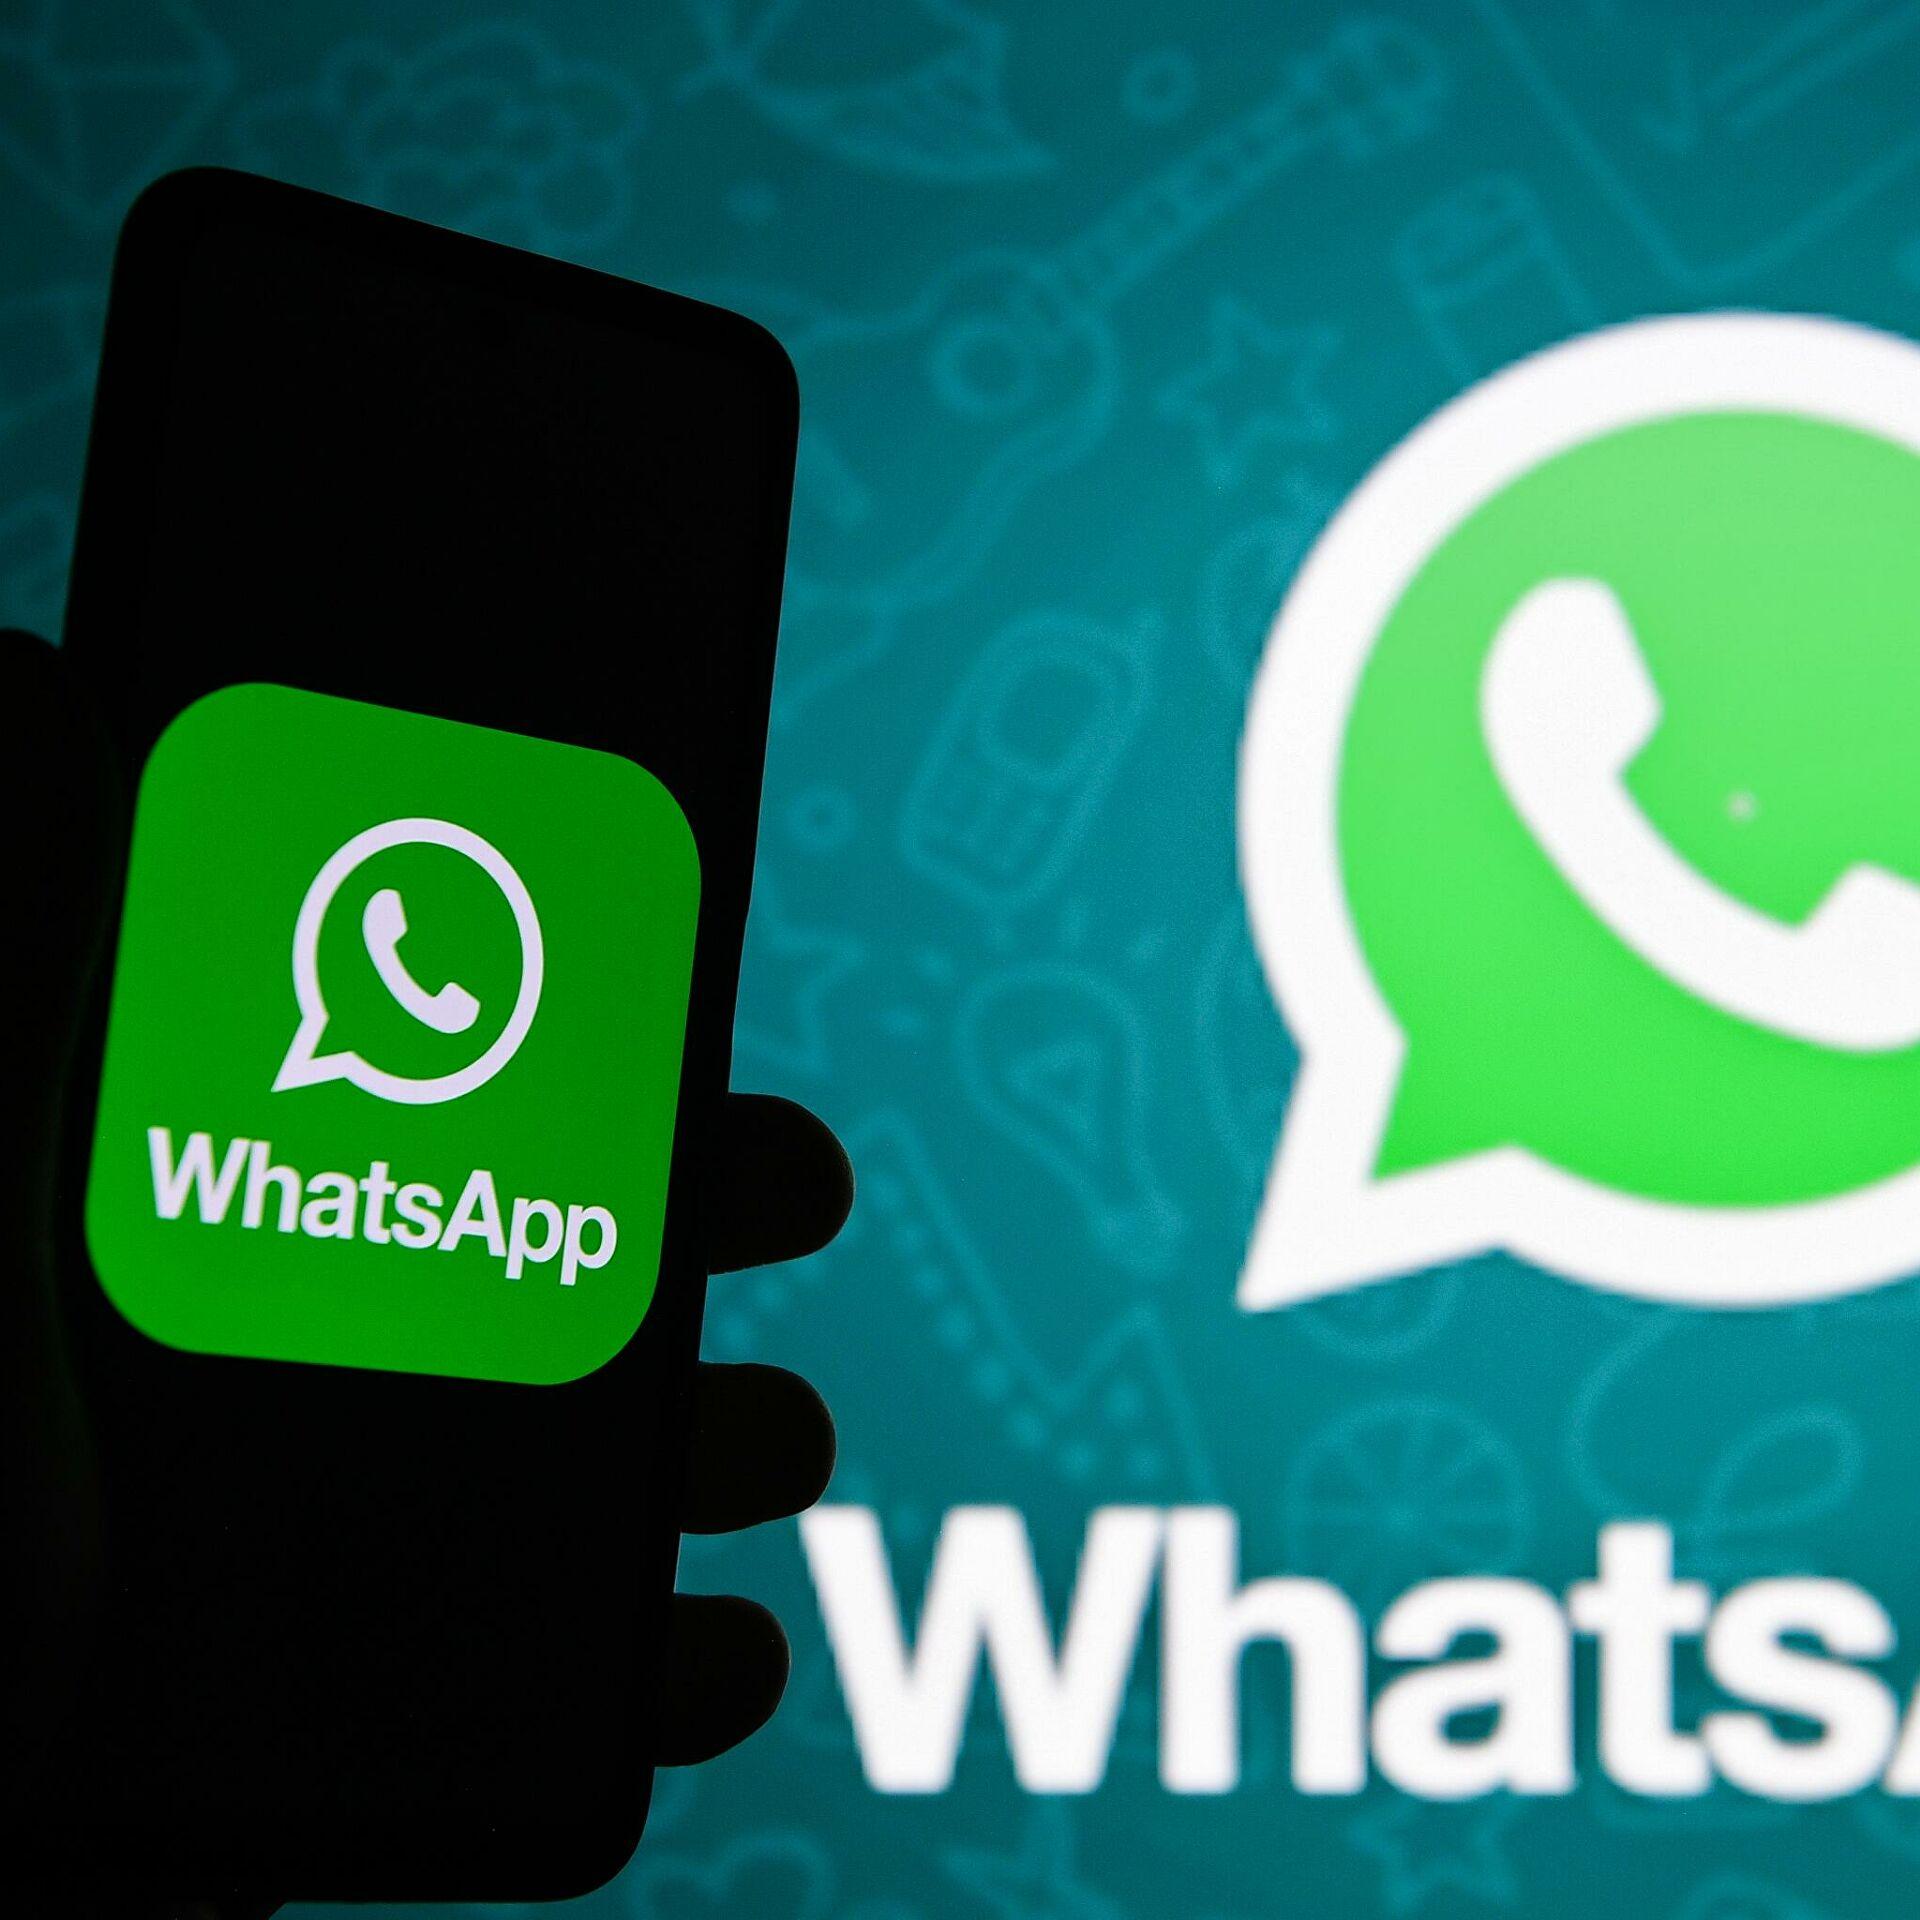 WhatsApp успешно осуществил перенос переписки между iOS и Android